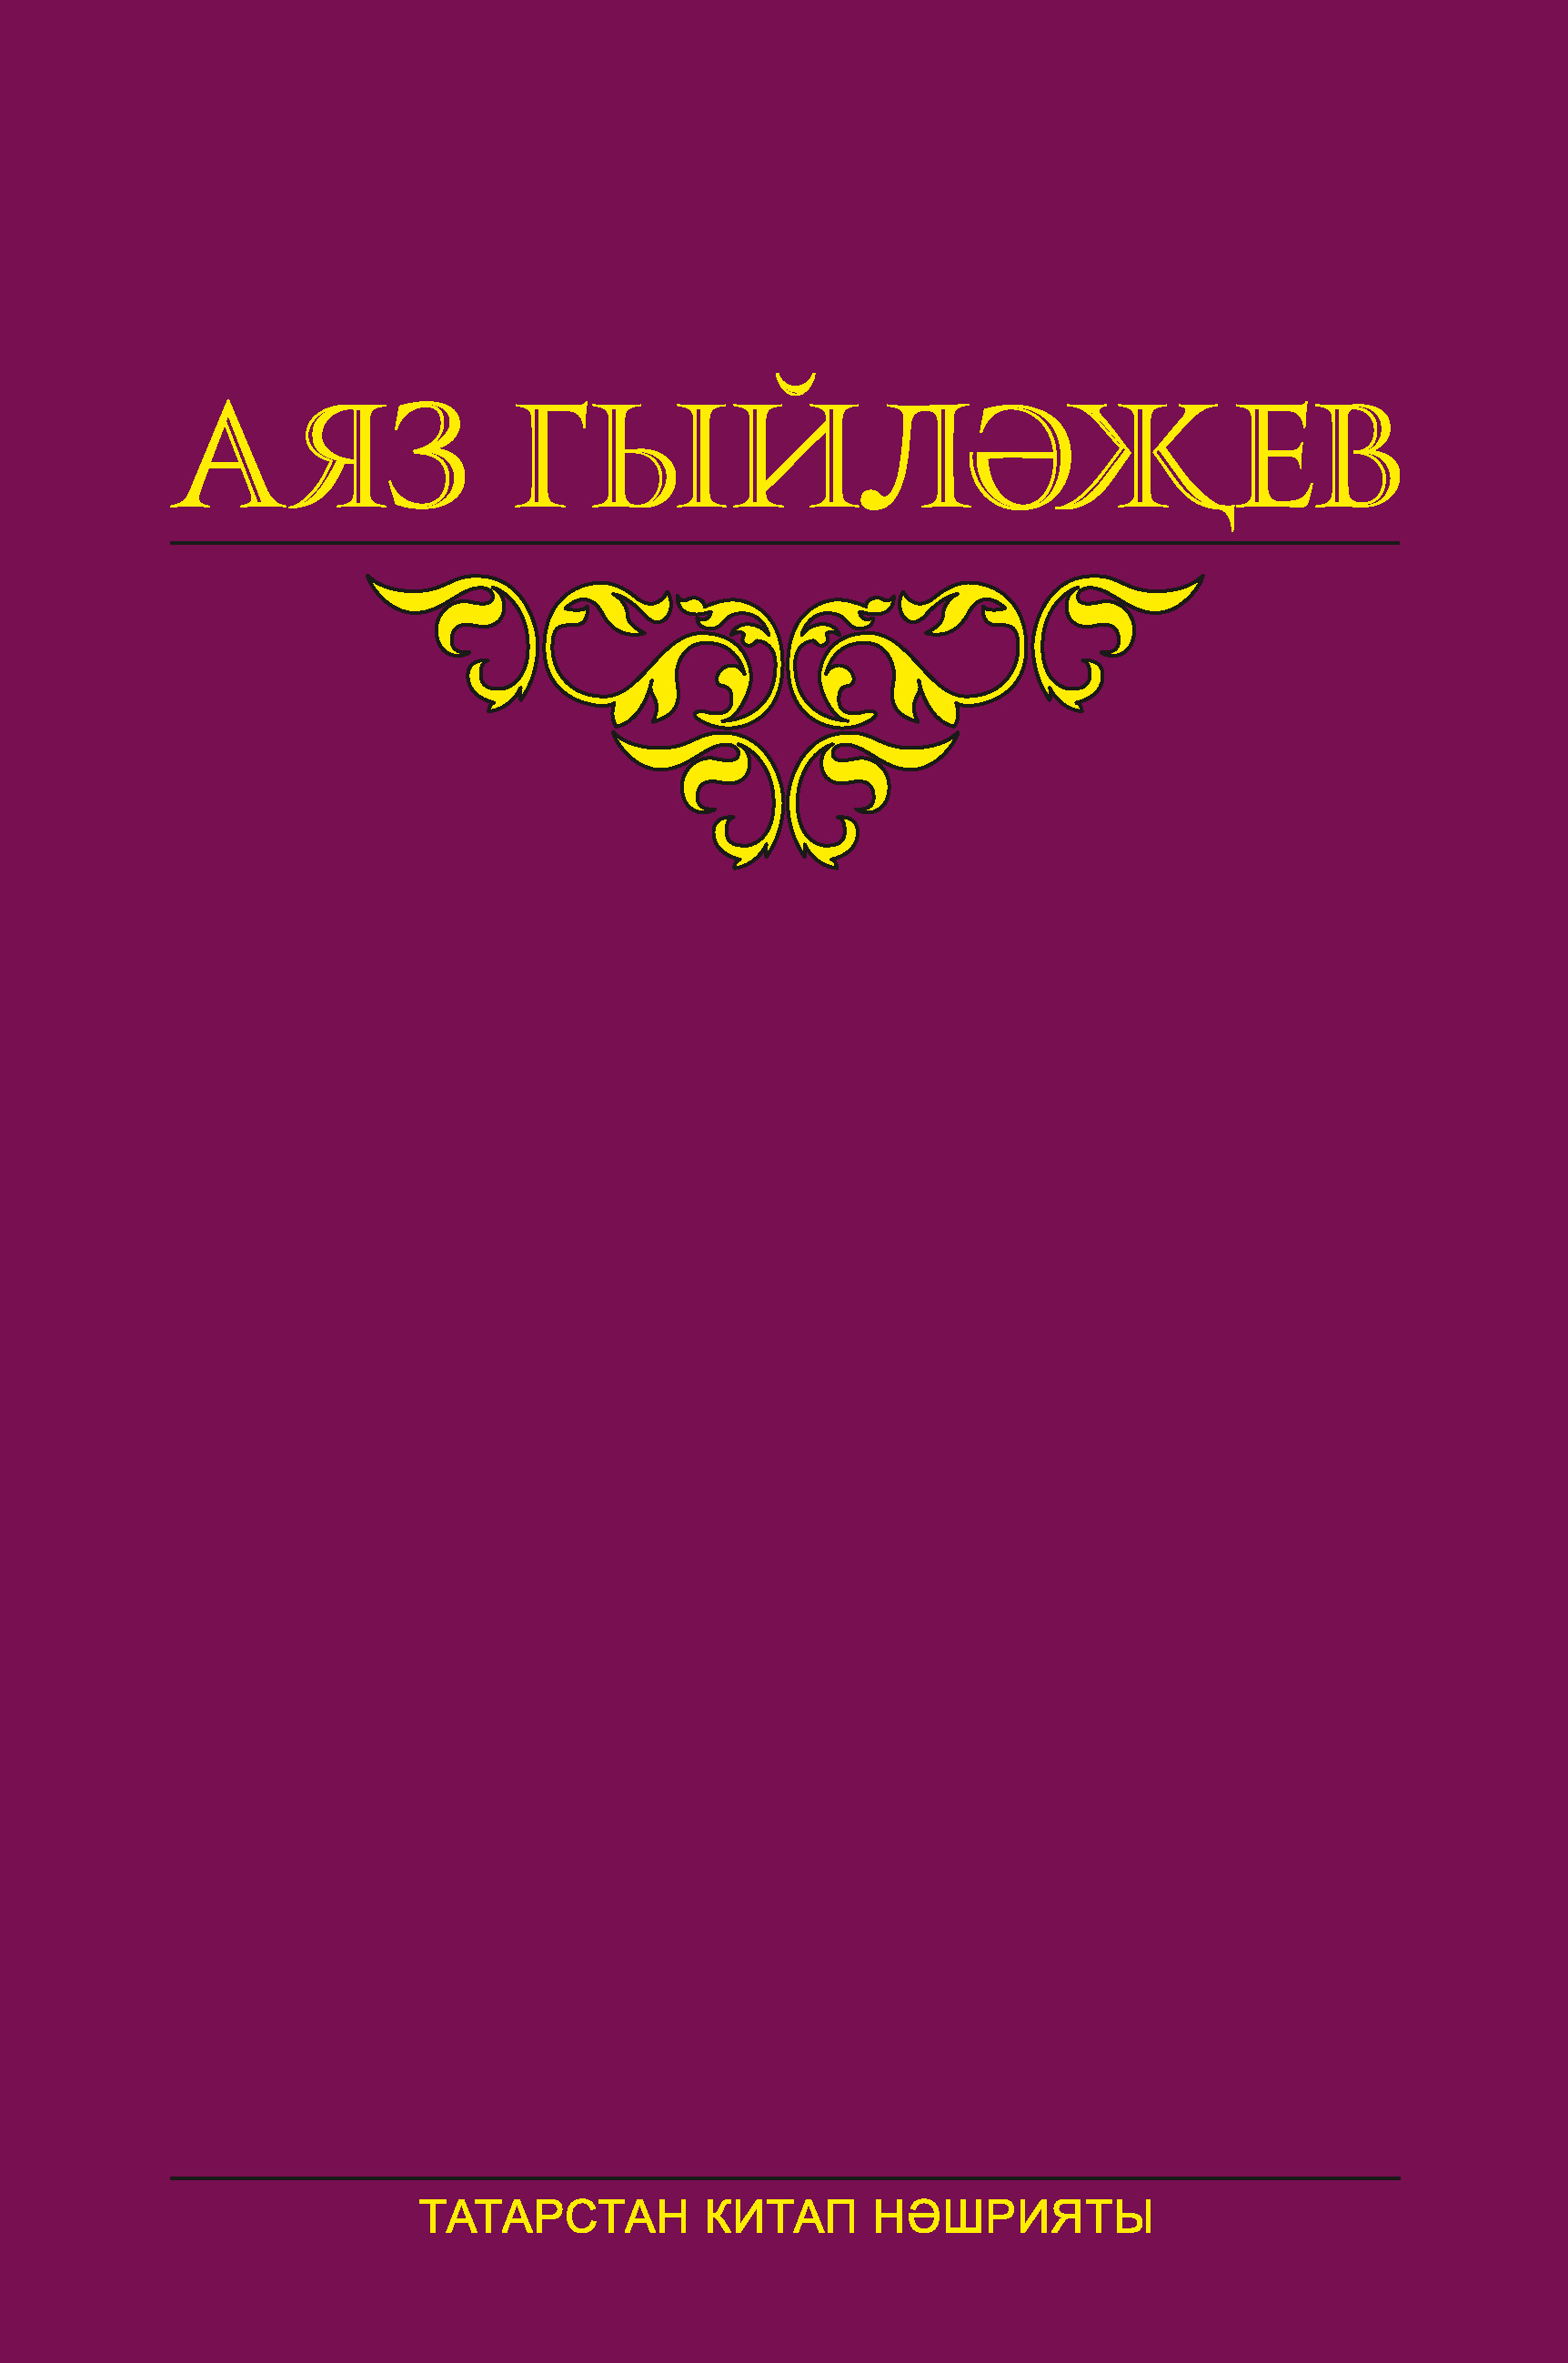 Сайланма әсәрләр. 6 том. Әдәби тәнкыйть мәкаләләре, язылып бетмәгән роман, көндәлекләр, хатлар